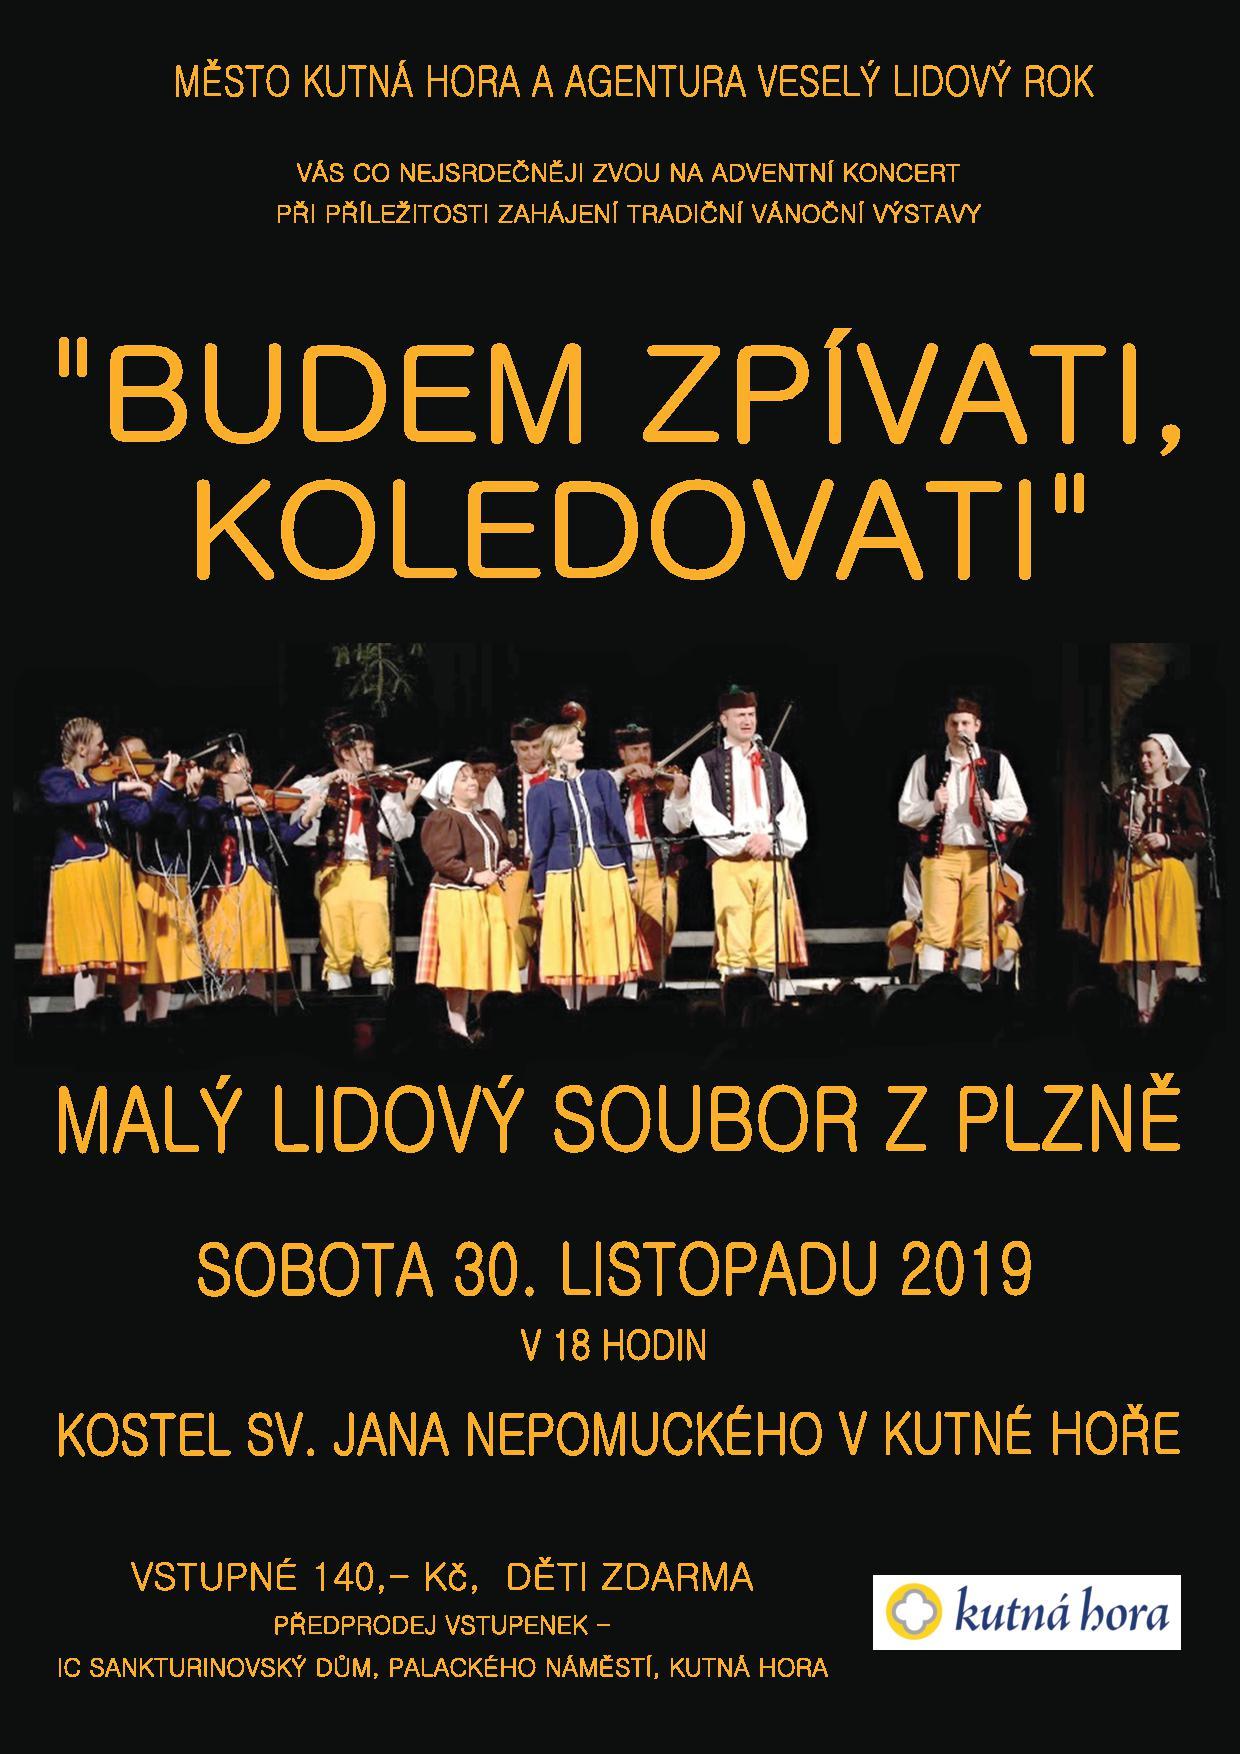 7079-plakat-koncert-a2.jpg